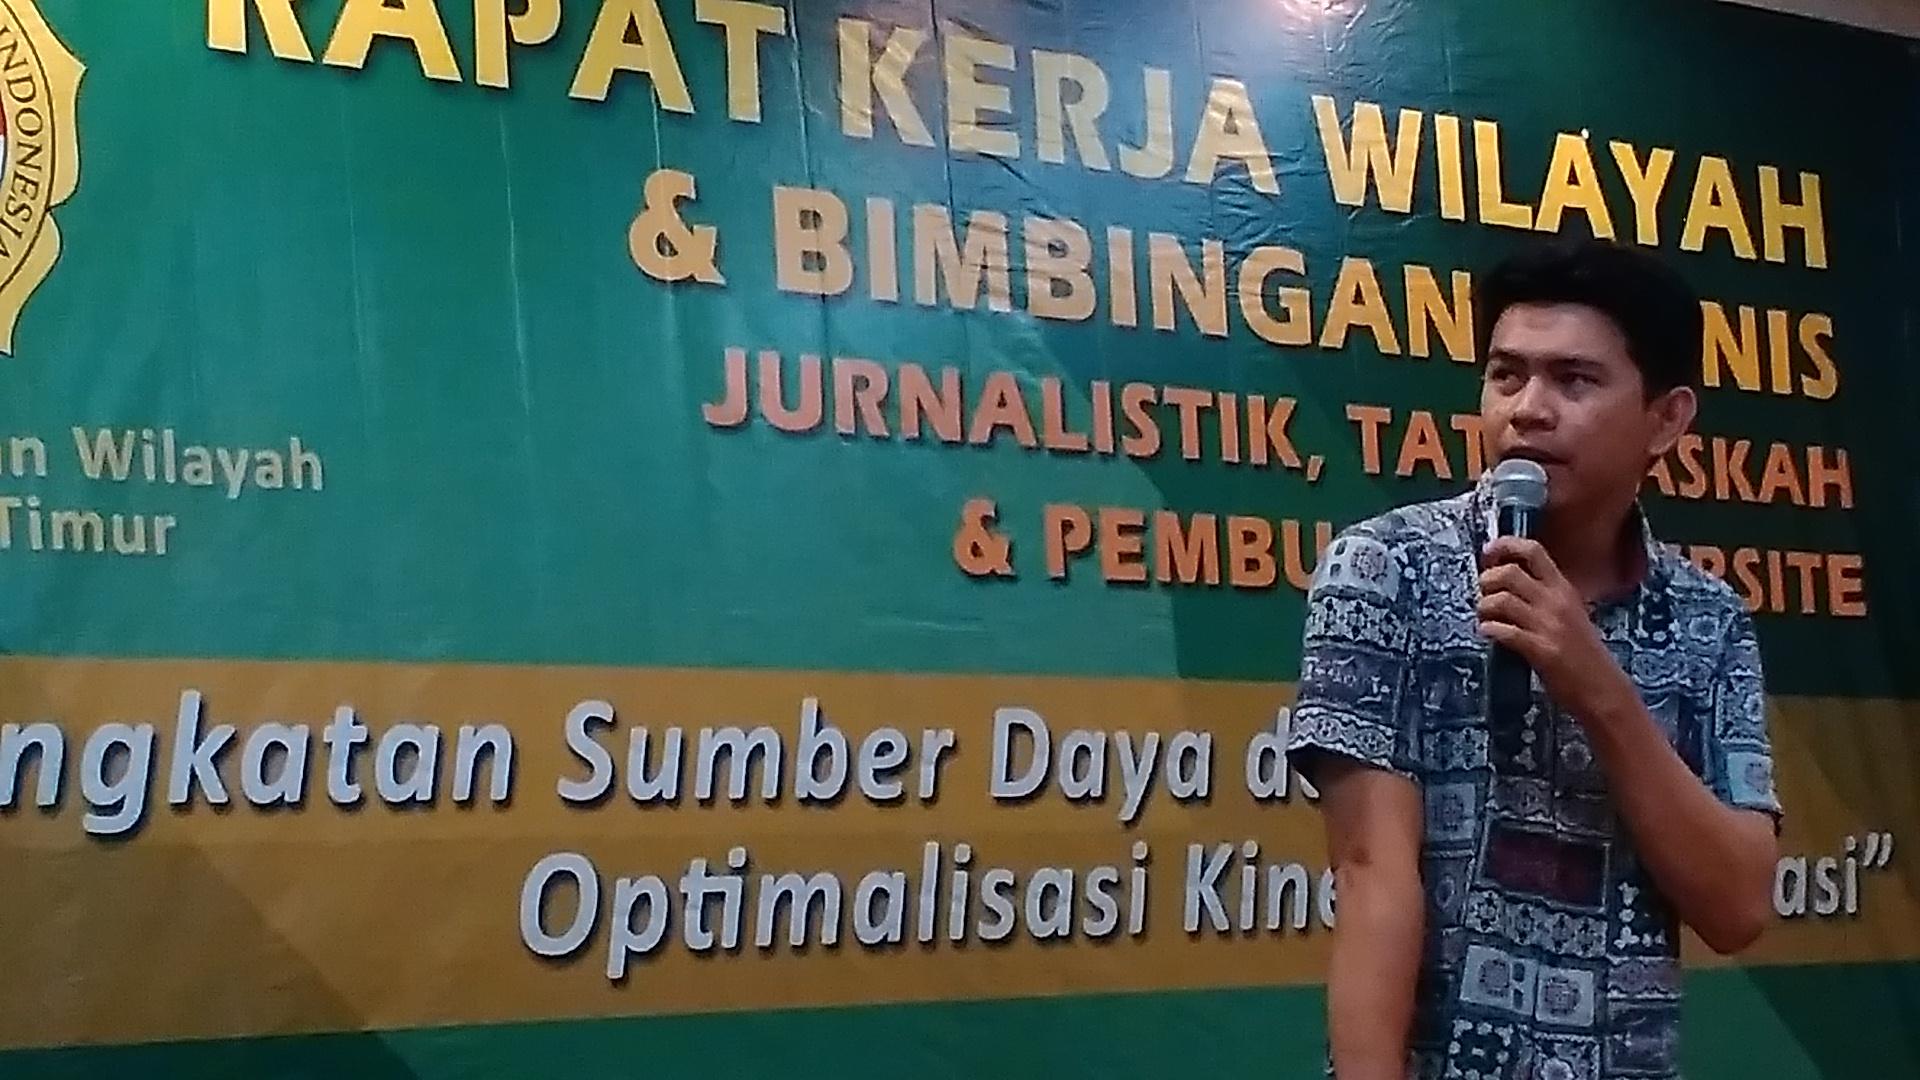 Raymond Chouda, praktisi media dan jurnalis Kaltim Post saat memberikan paparan. Foto: LINES